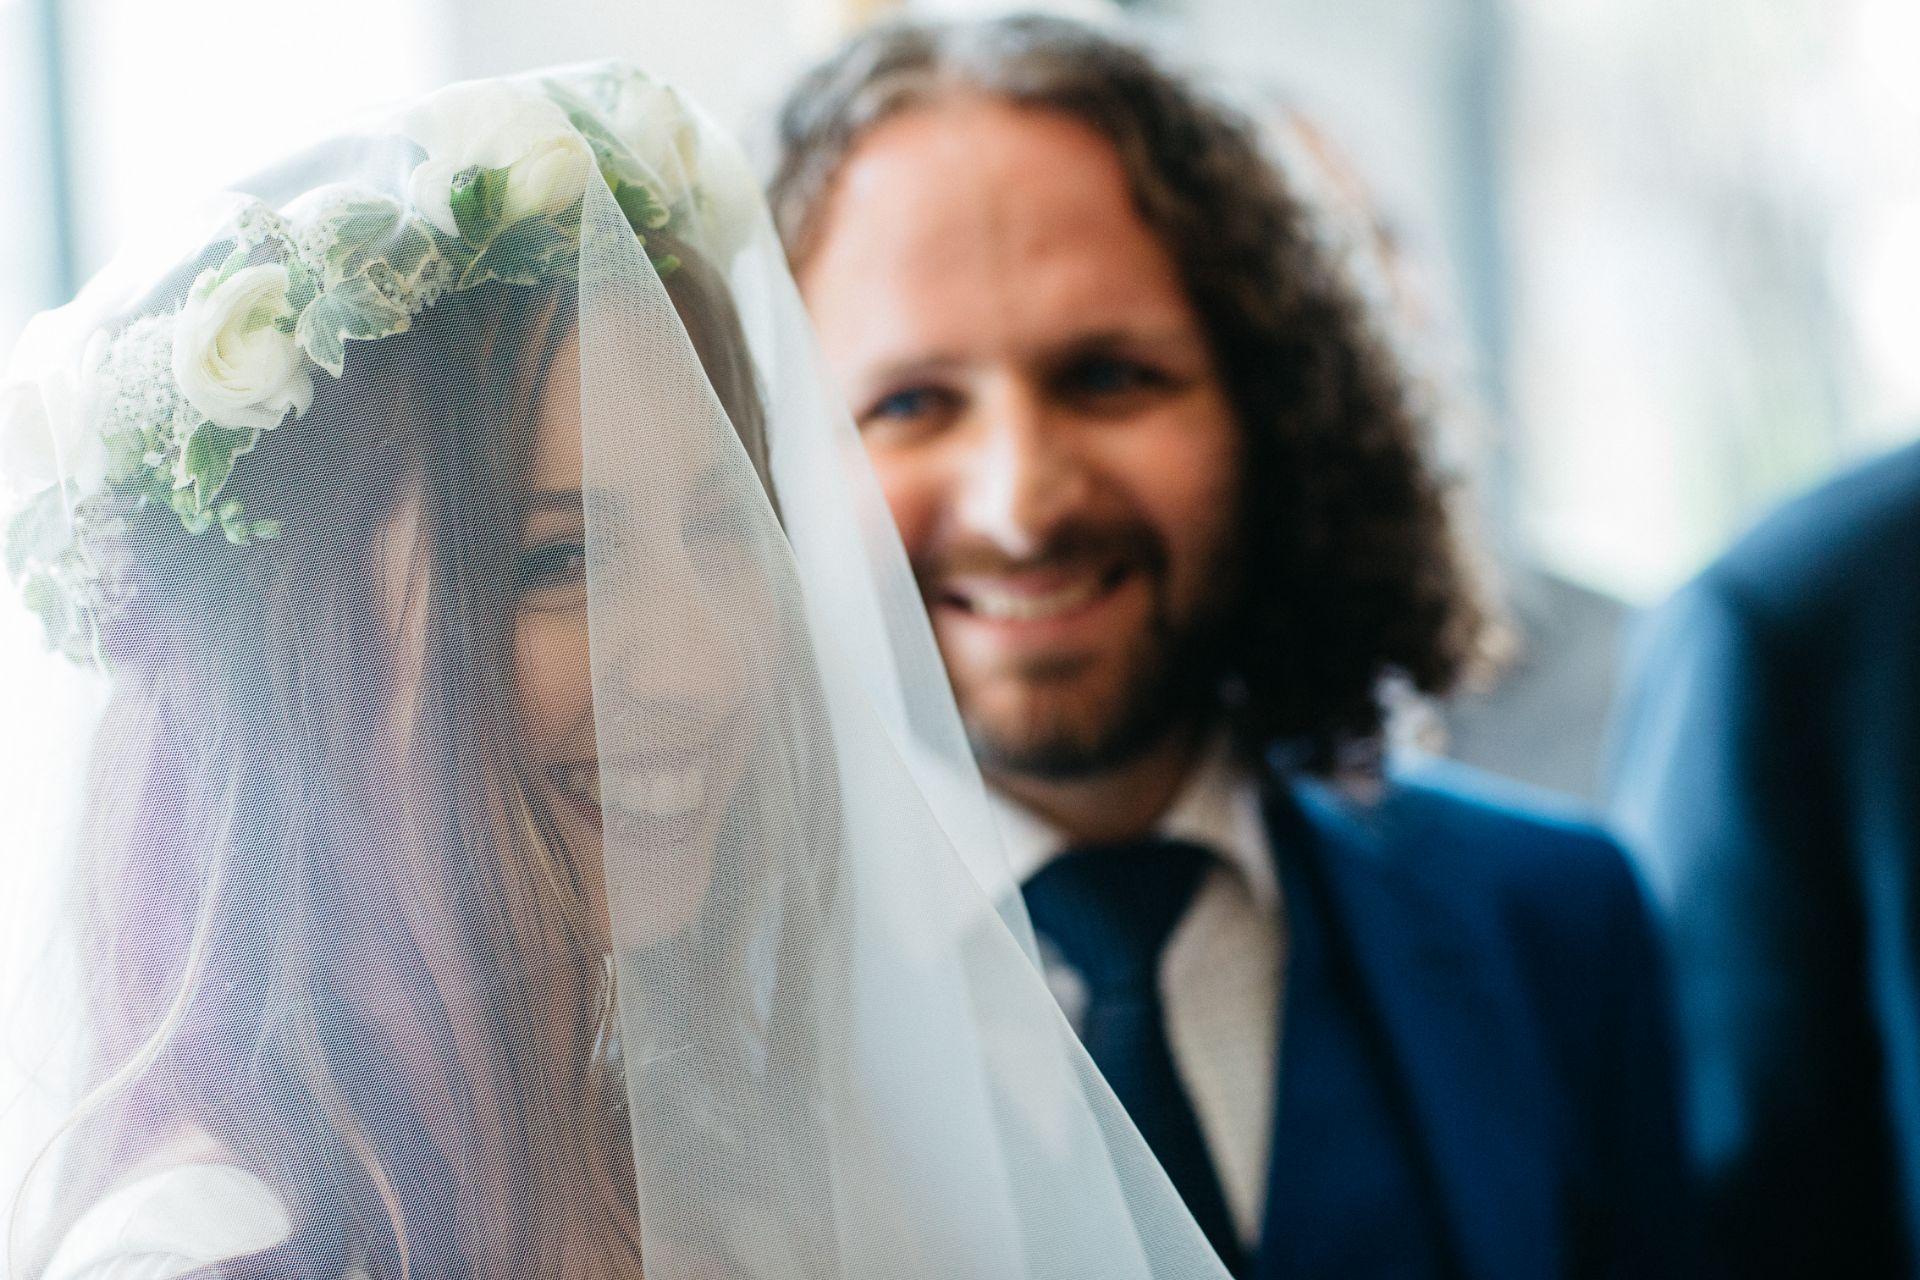 טקס חופה בשידור חי מהפייסבוק: החתונה של לוני ורוני